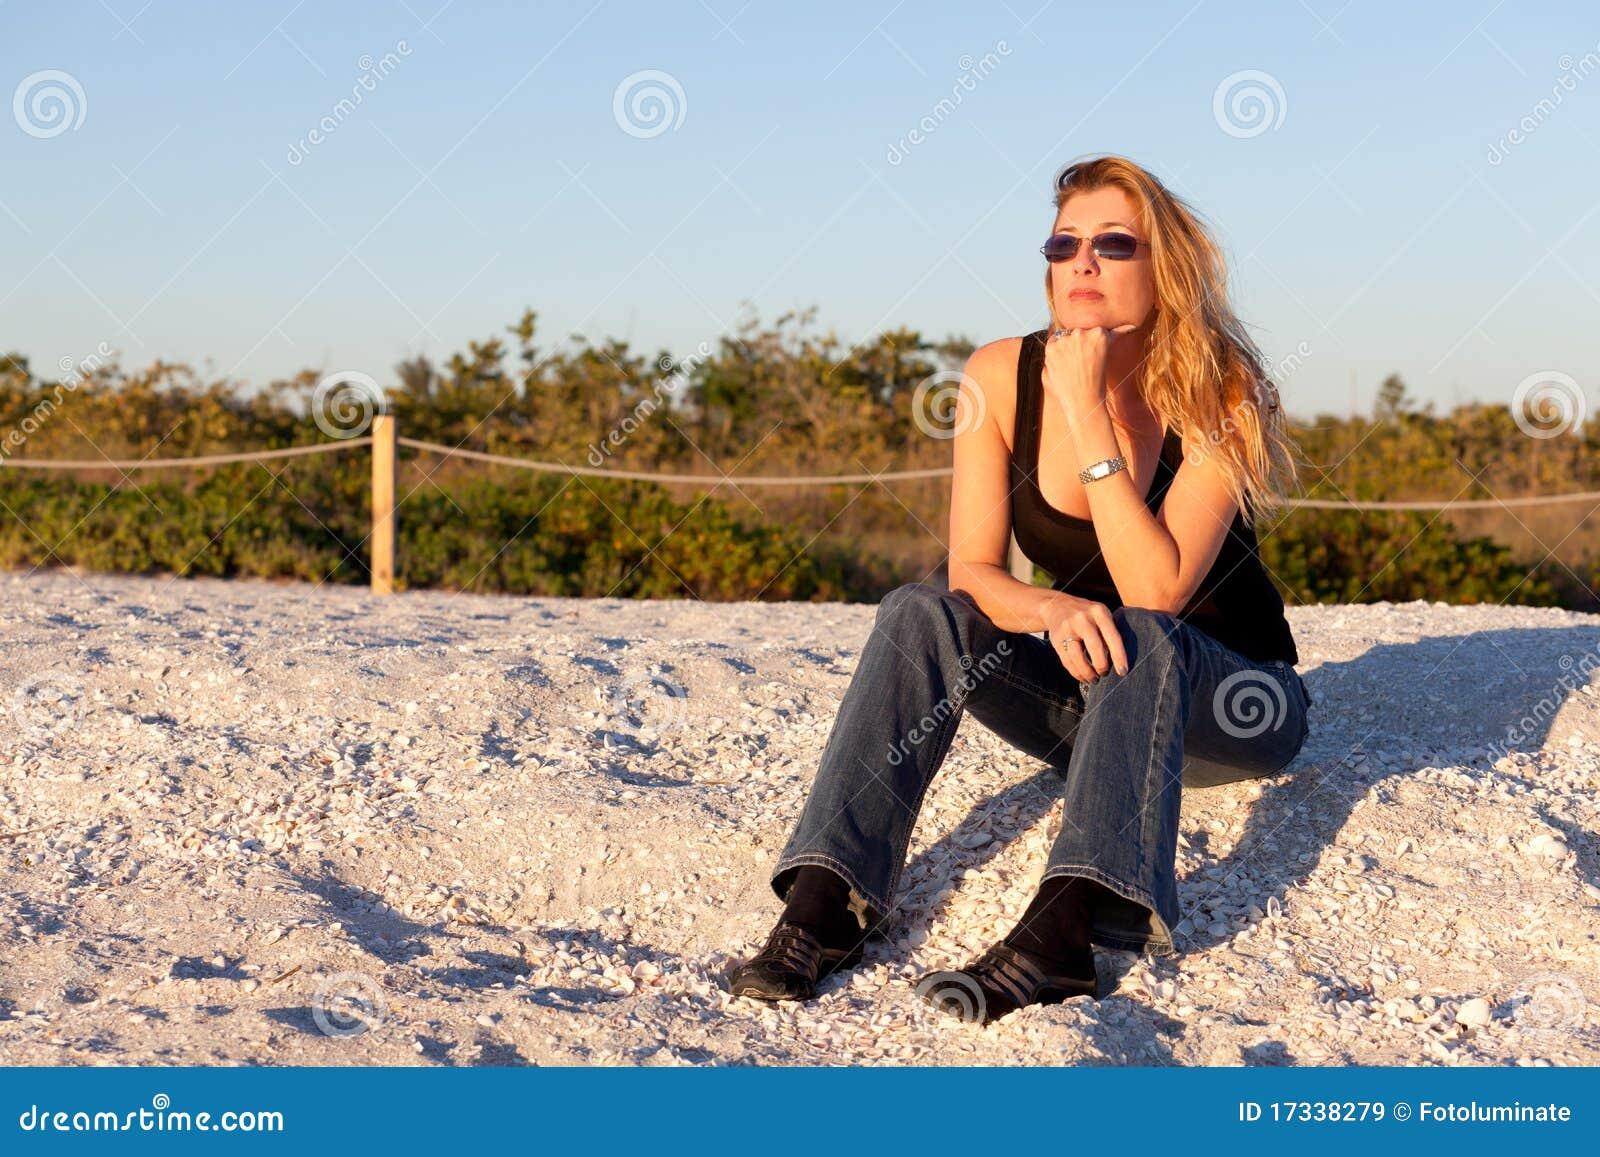 strand am Blonde frau